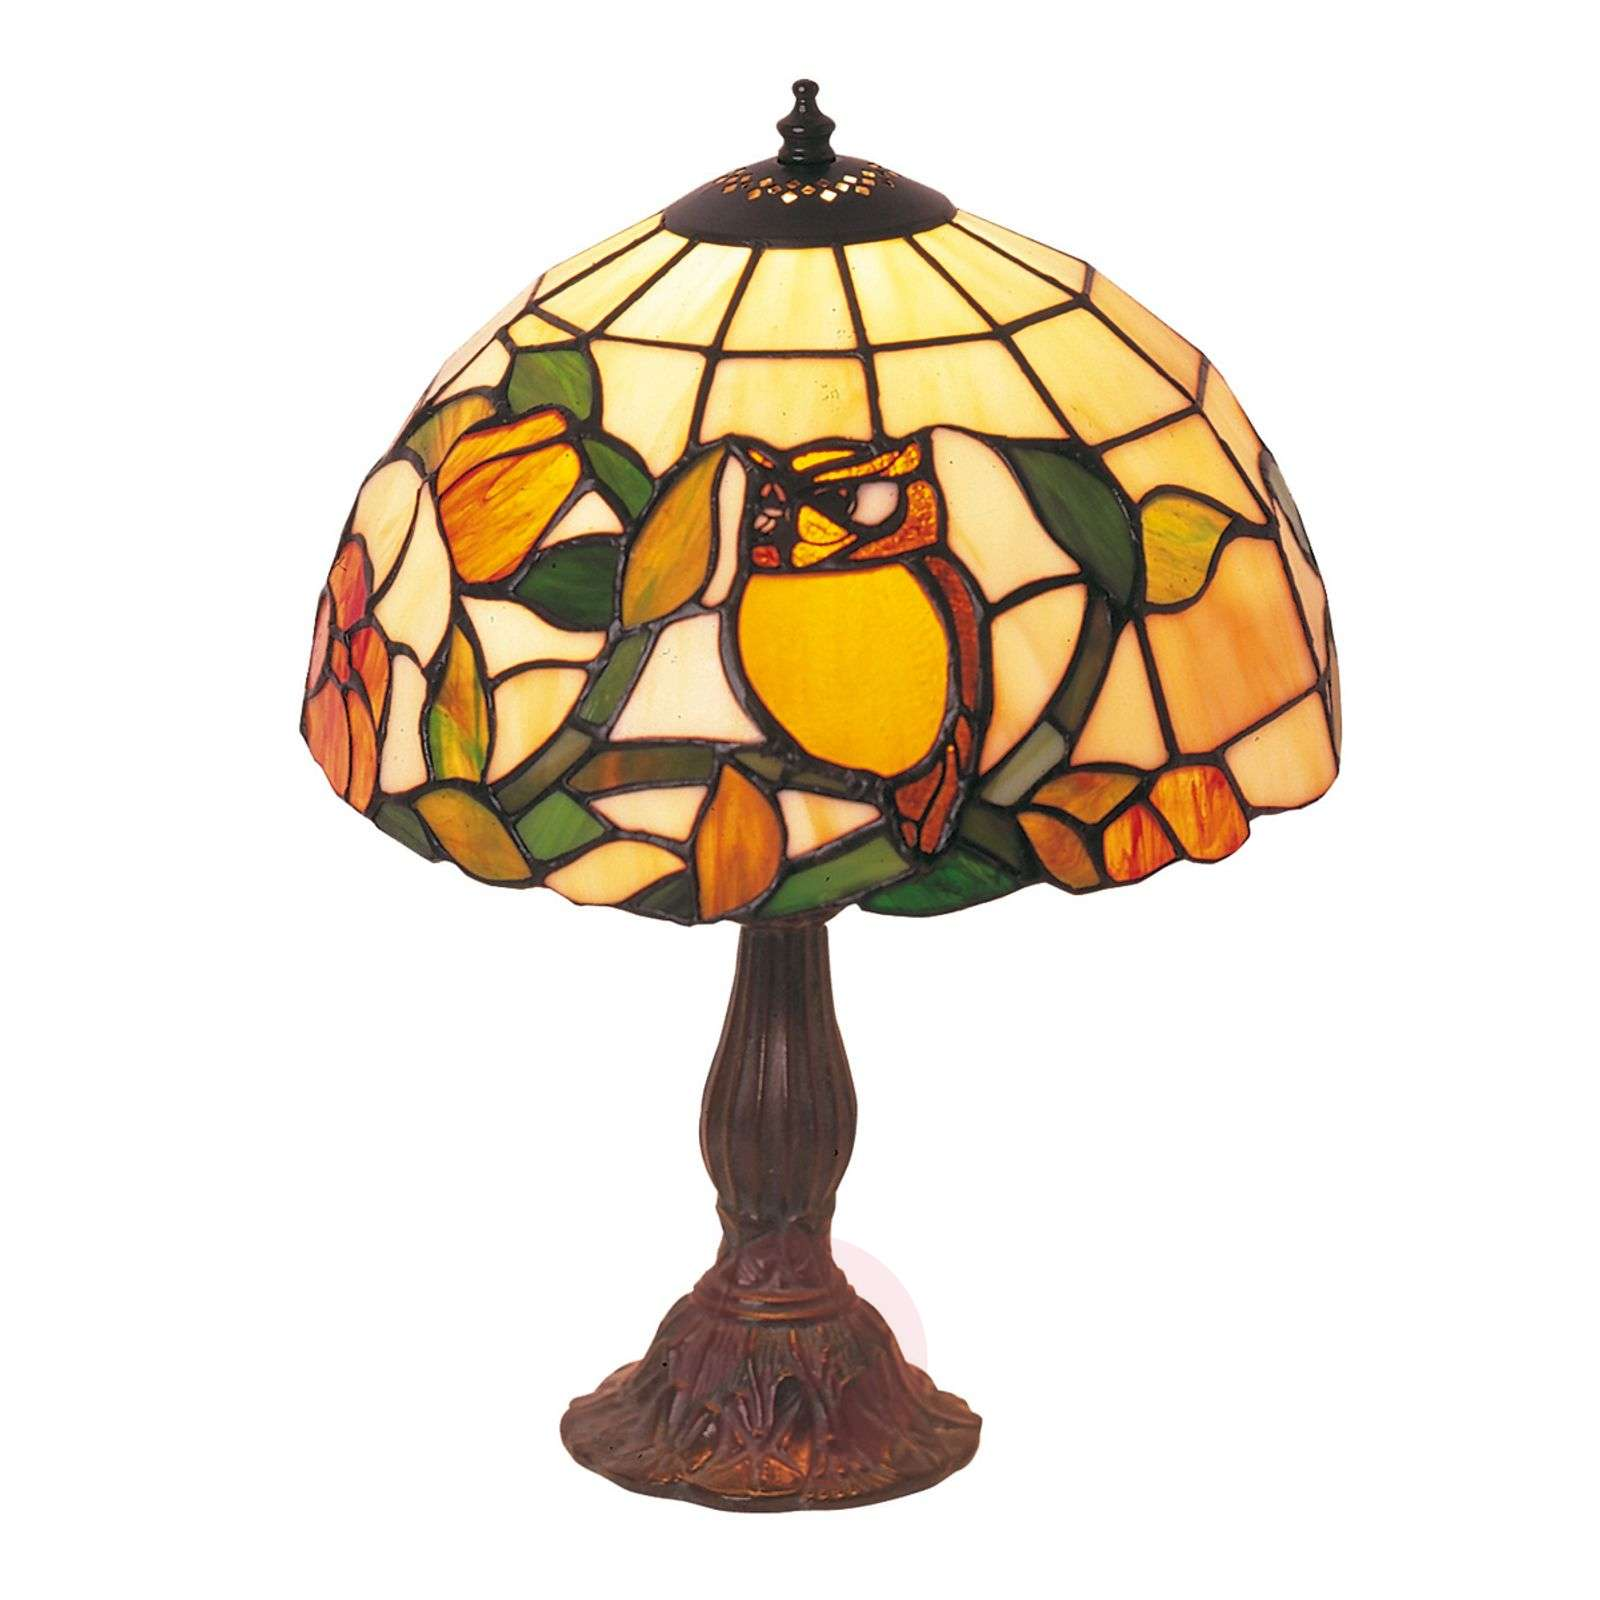 Lovely patterned table lamp Lenea-1032344-01